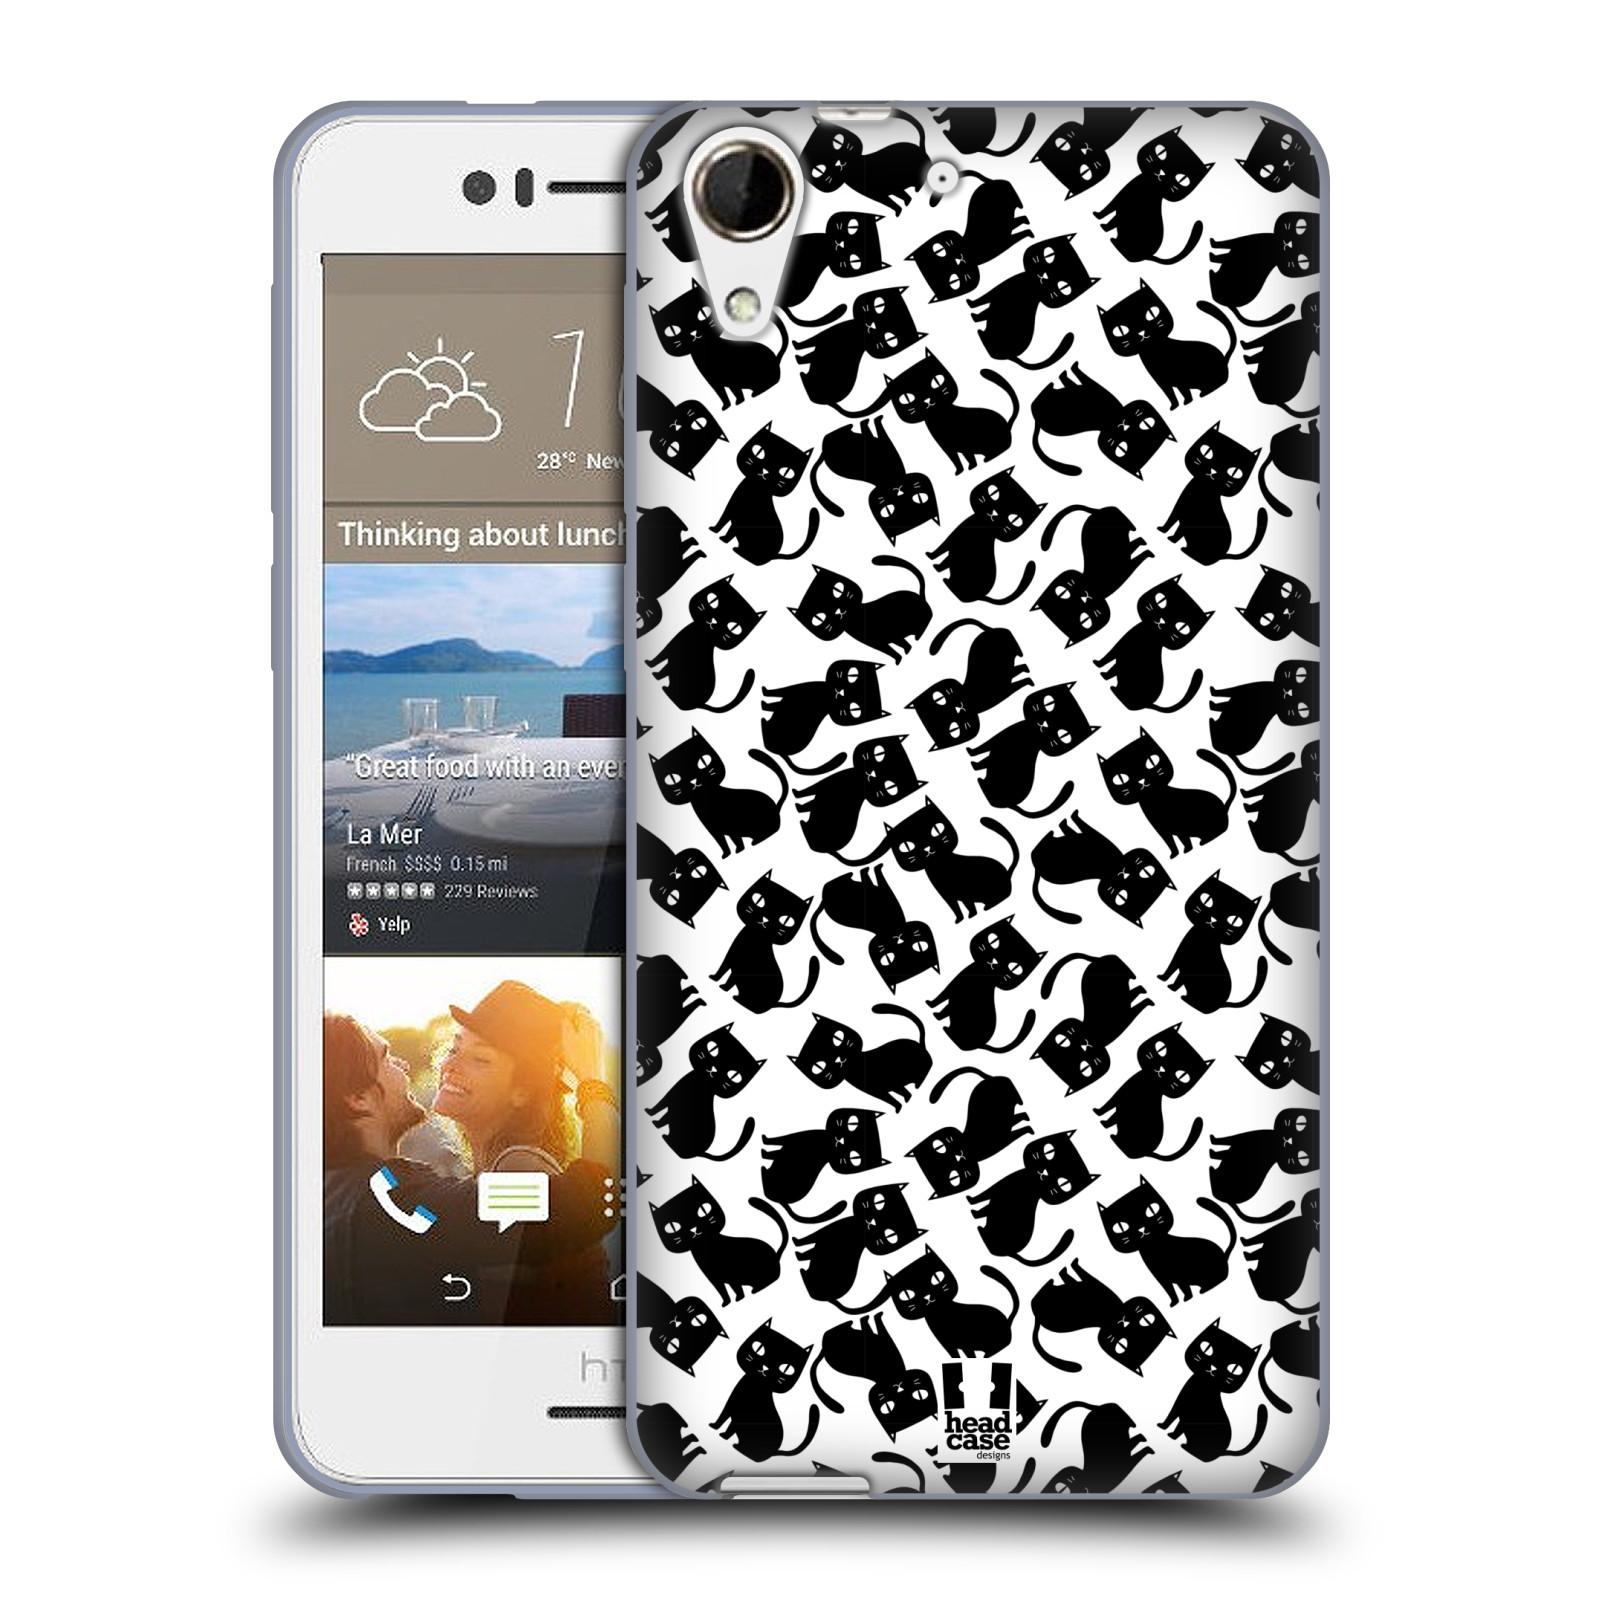 Silikonové pouzdro na mobil HTC Desire 728G Dual SIM HEAD CASE KOČKY Black Pattern (Silikonový kryt či obal na mobilní telefon HTC Desire 728 G Dual SIM)